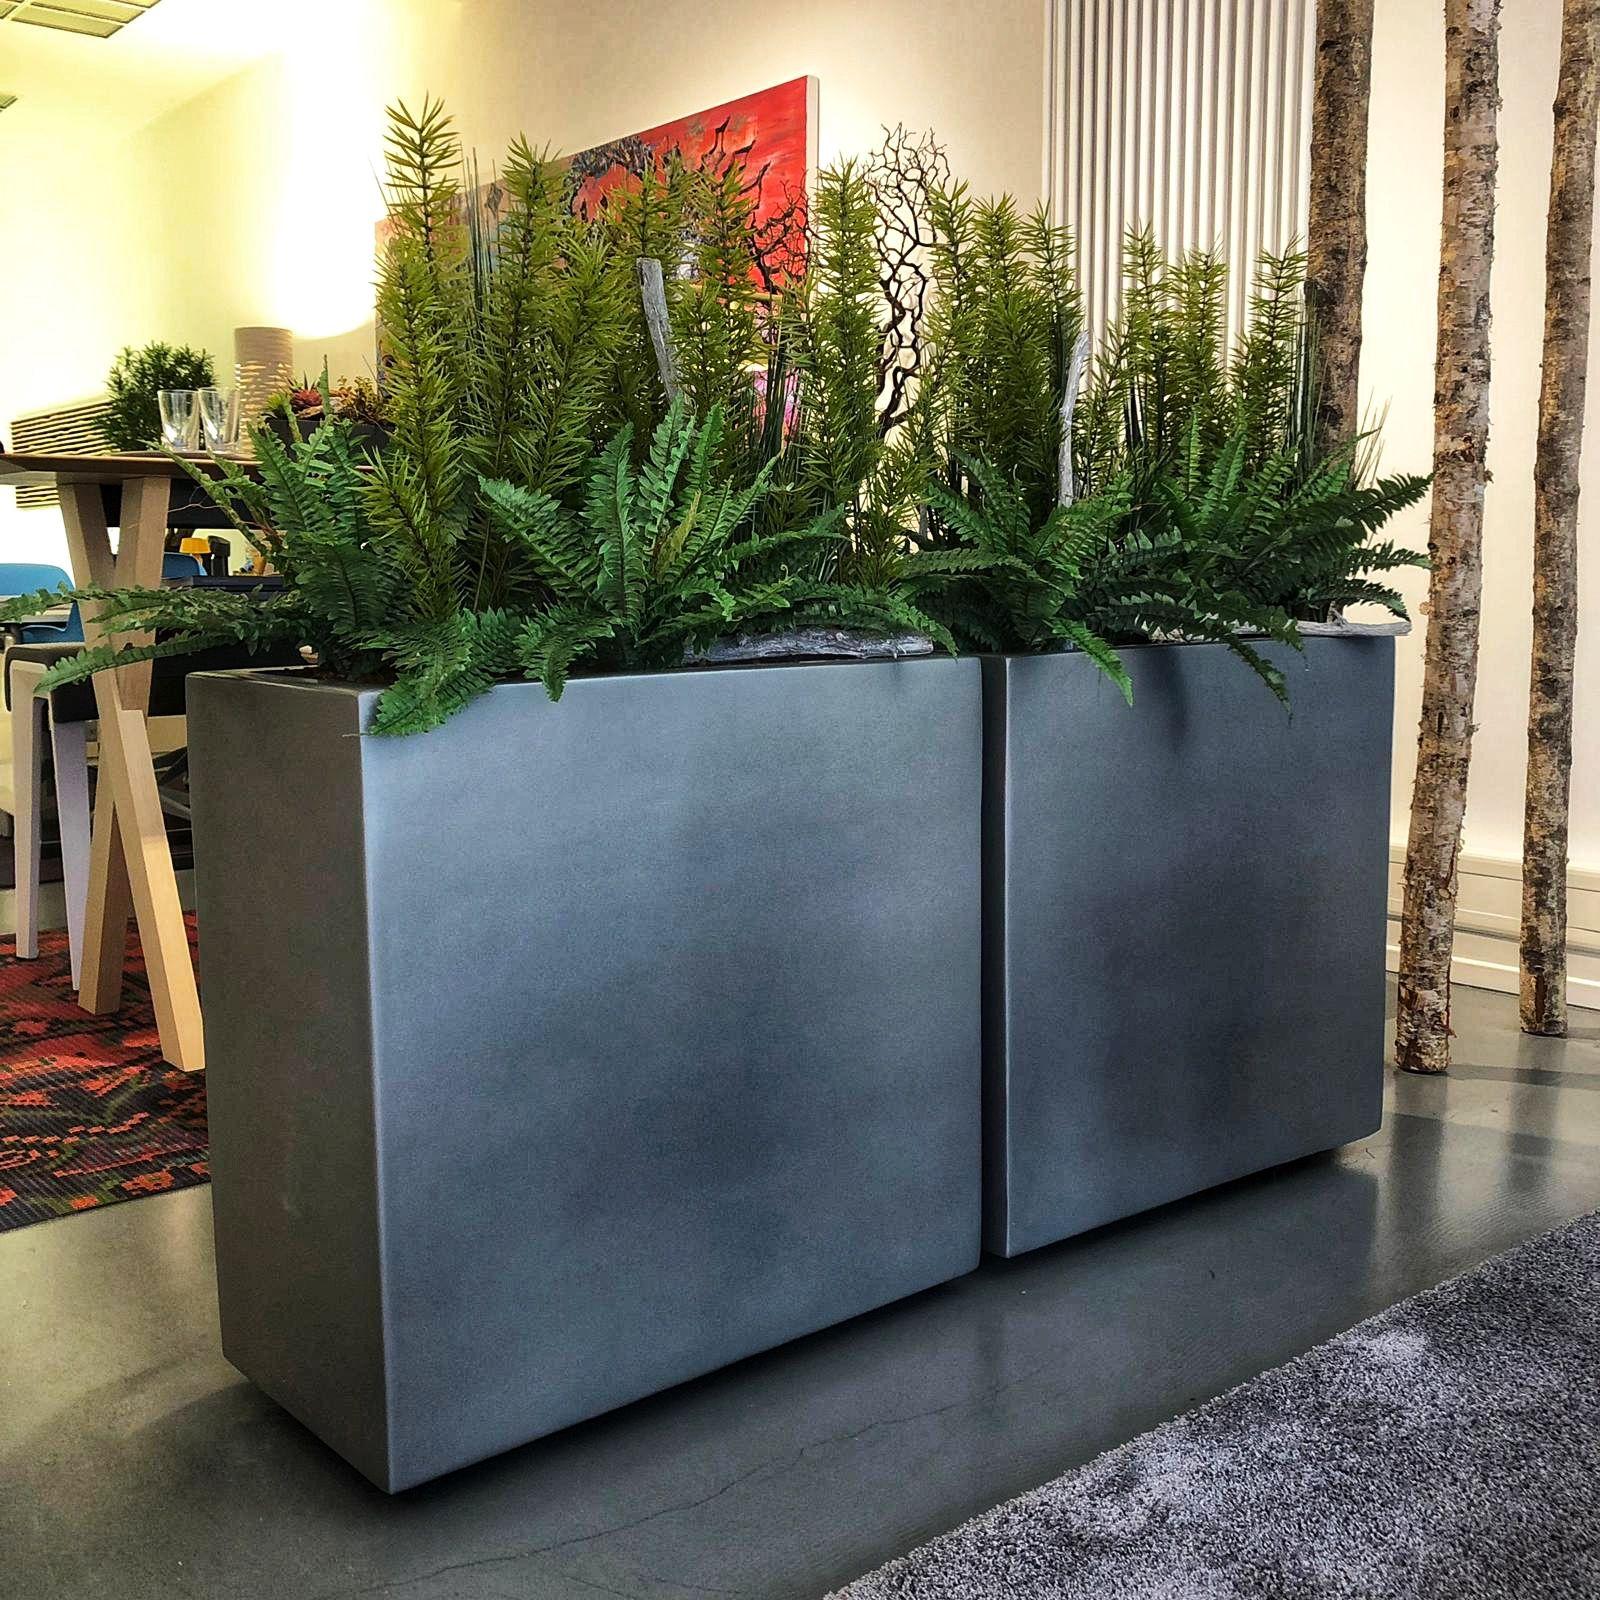 Raumteiler Sichtschutz Innendesign Kunstpflanzen Innovative